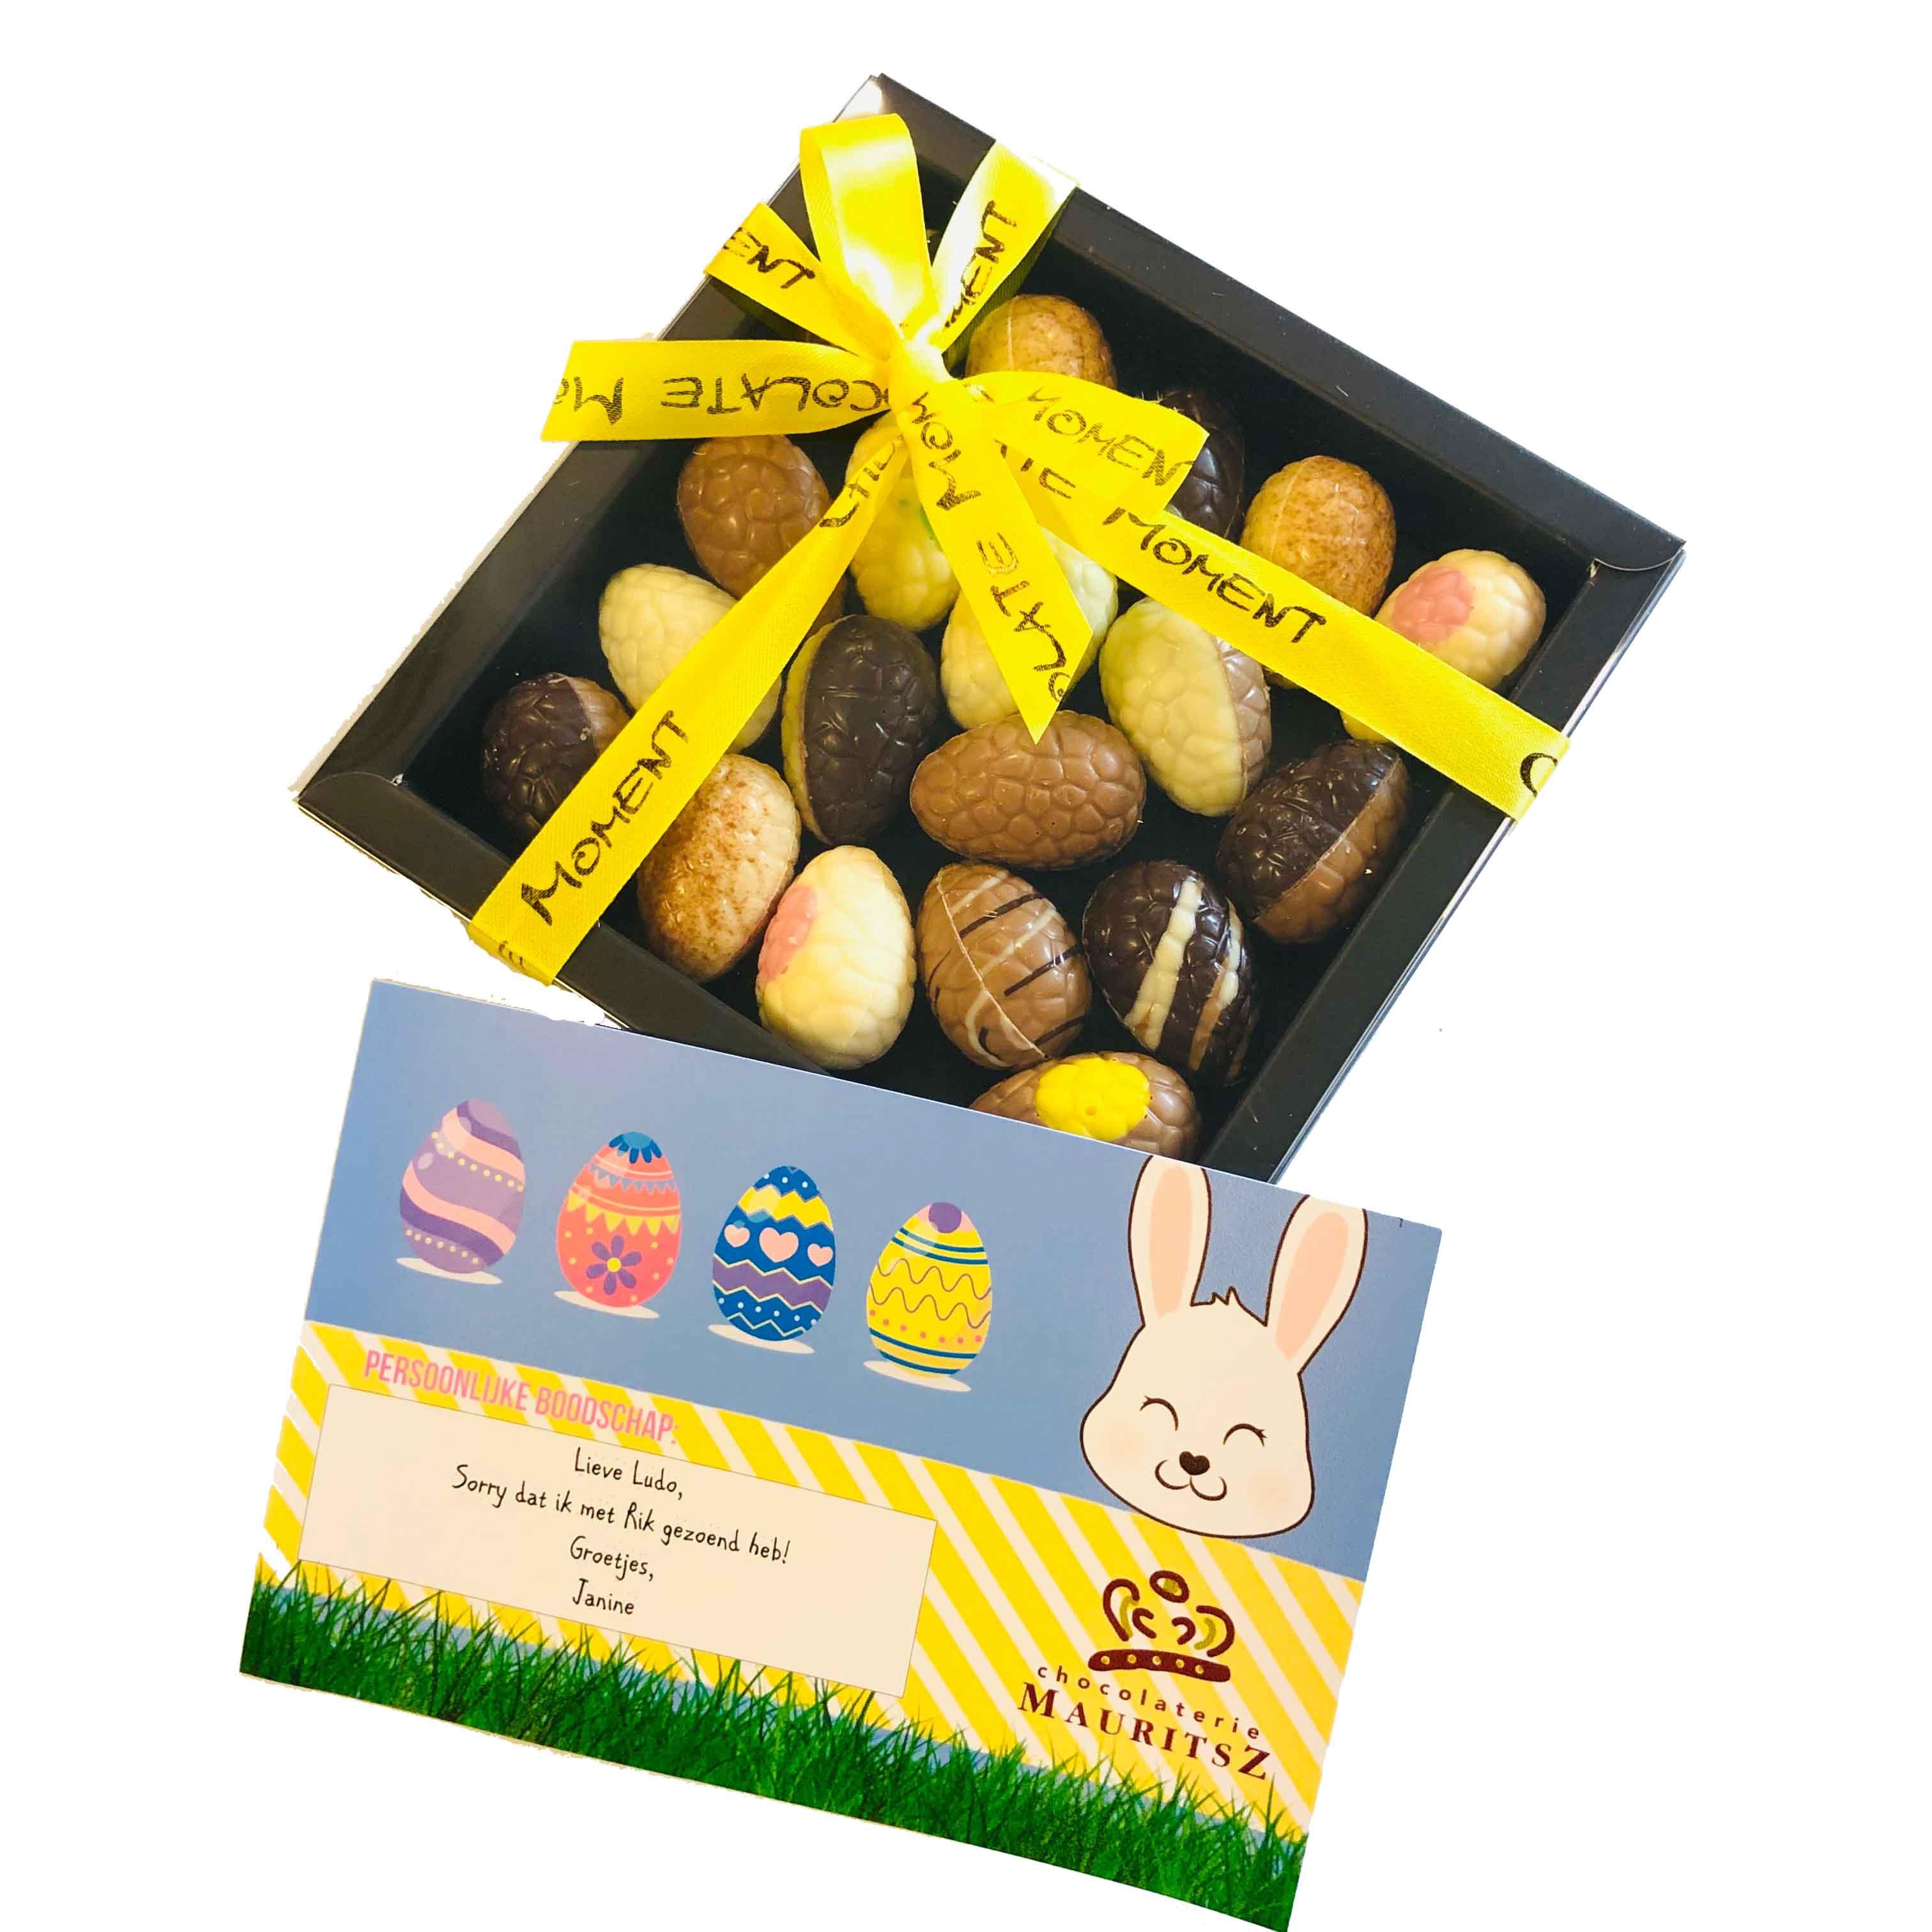 Brievenbuscadeau met assorti Paaseitjes inclusief kaartje persoonlijke boodschap! (240 gram) (gratis verzending)